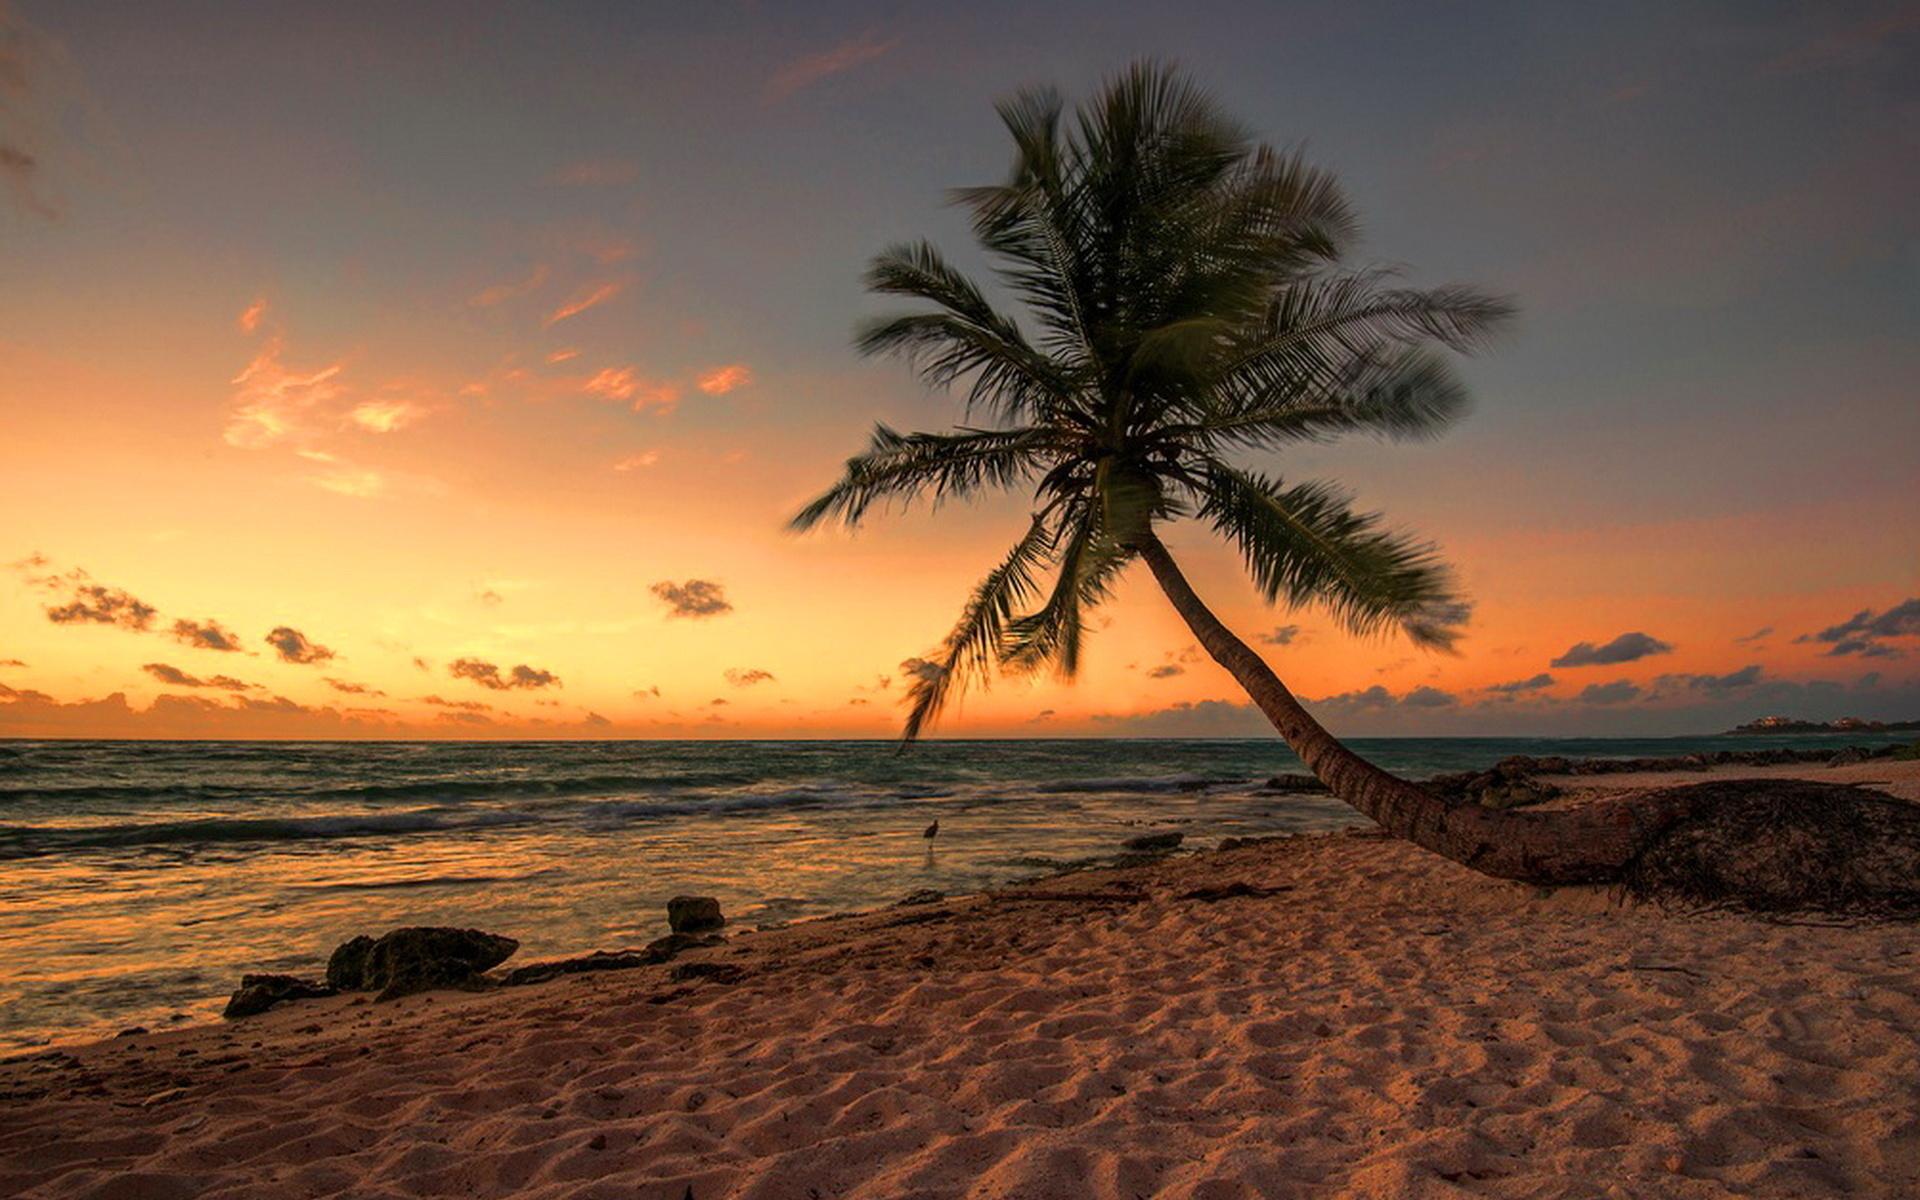 последнее берег океана с пальмами фото названия сортов